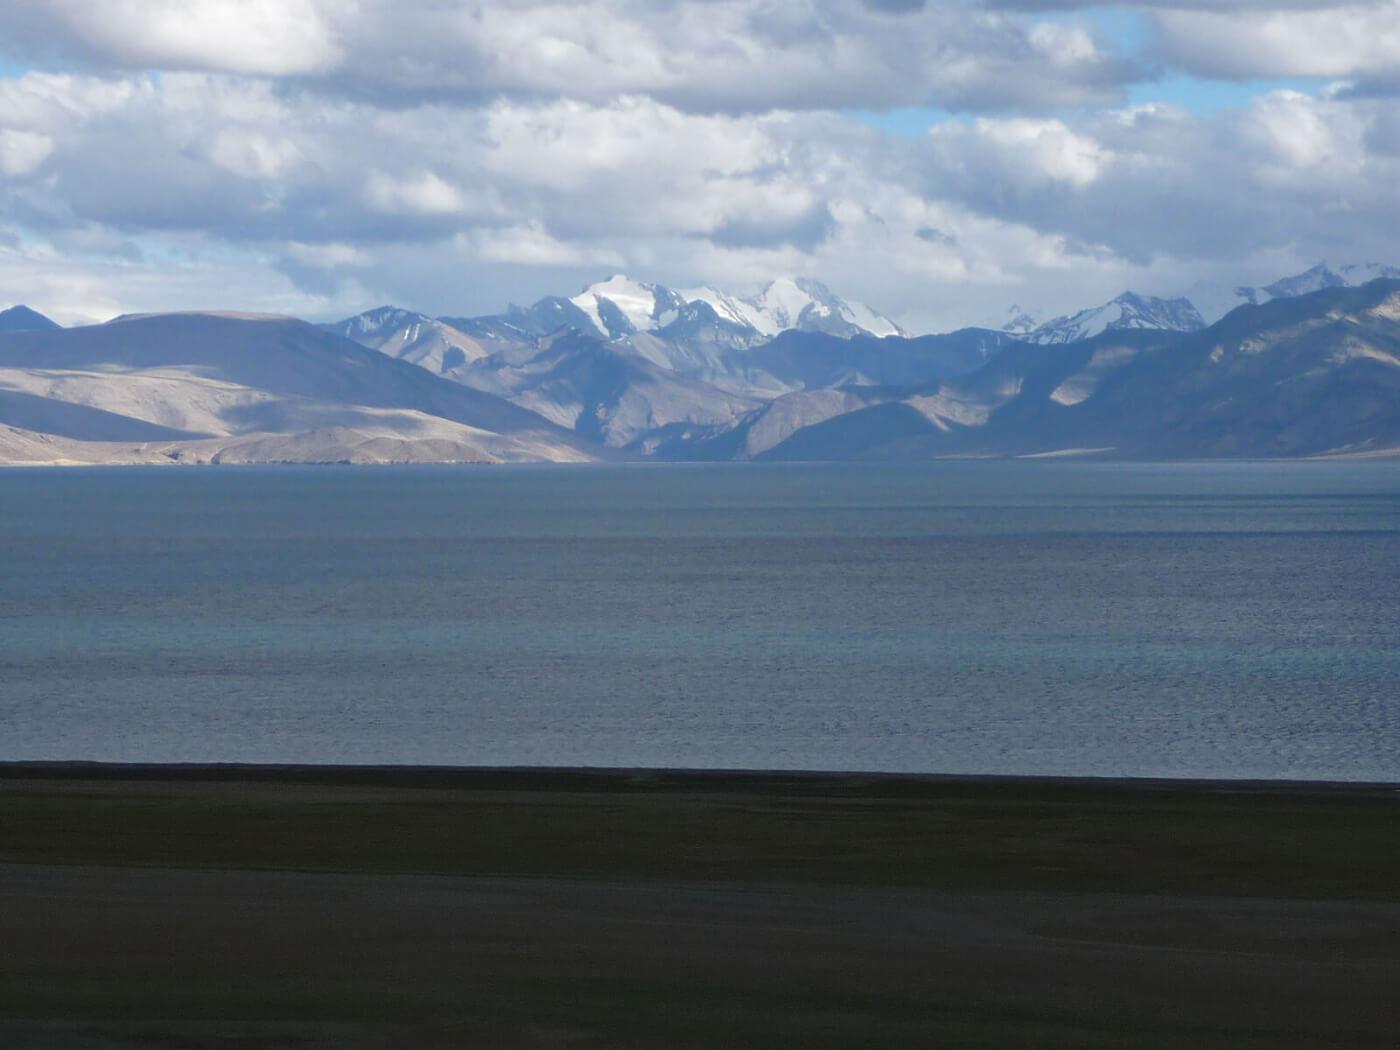 Tzo Moriri West-Himalaya